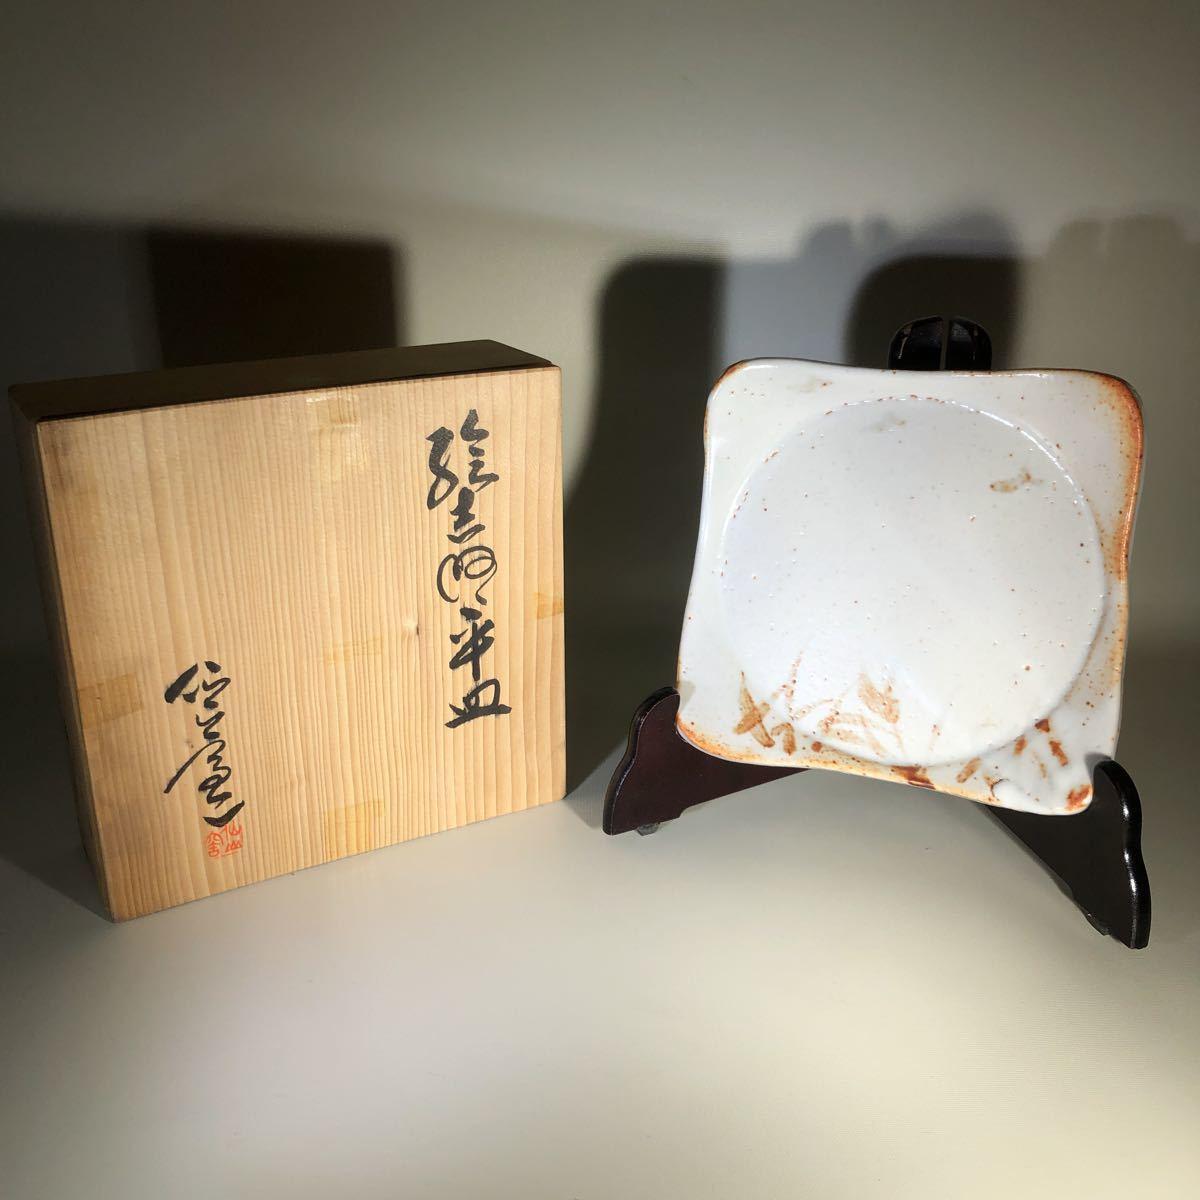 安藤日出武作 絵志野焼平皿 共箱 共布_画像1